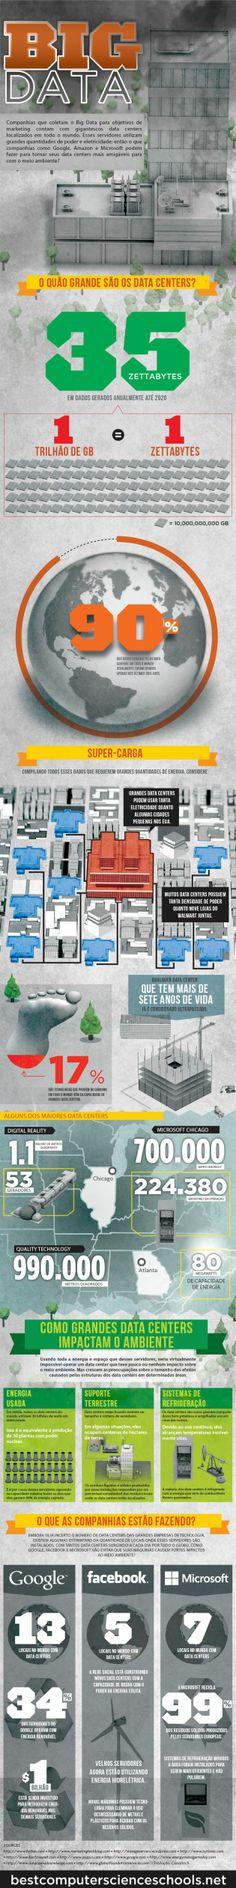 O impacto dos datacenters no meio ambiente. Tradução por Canaltech.